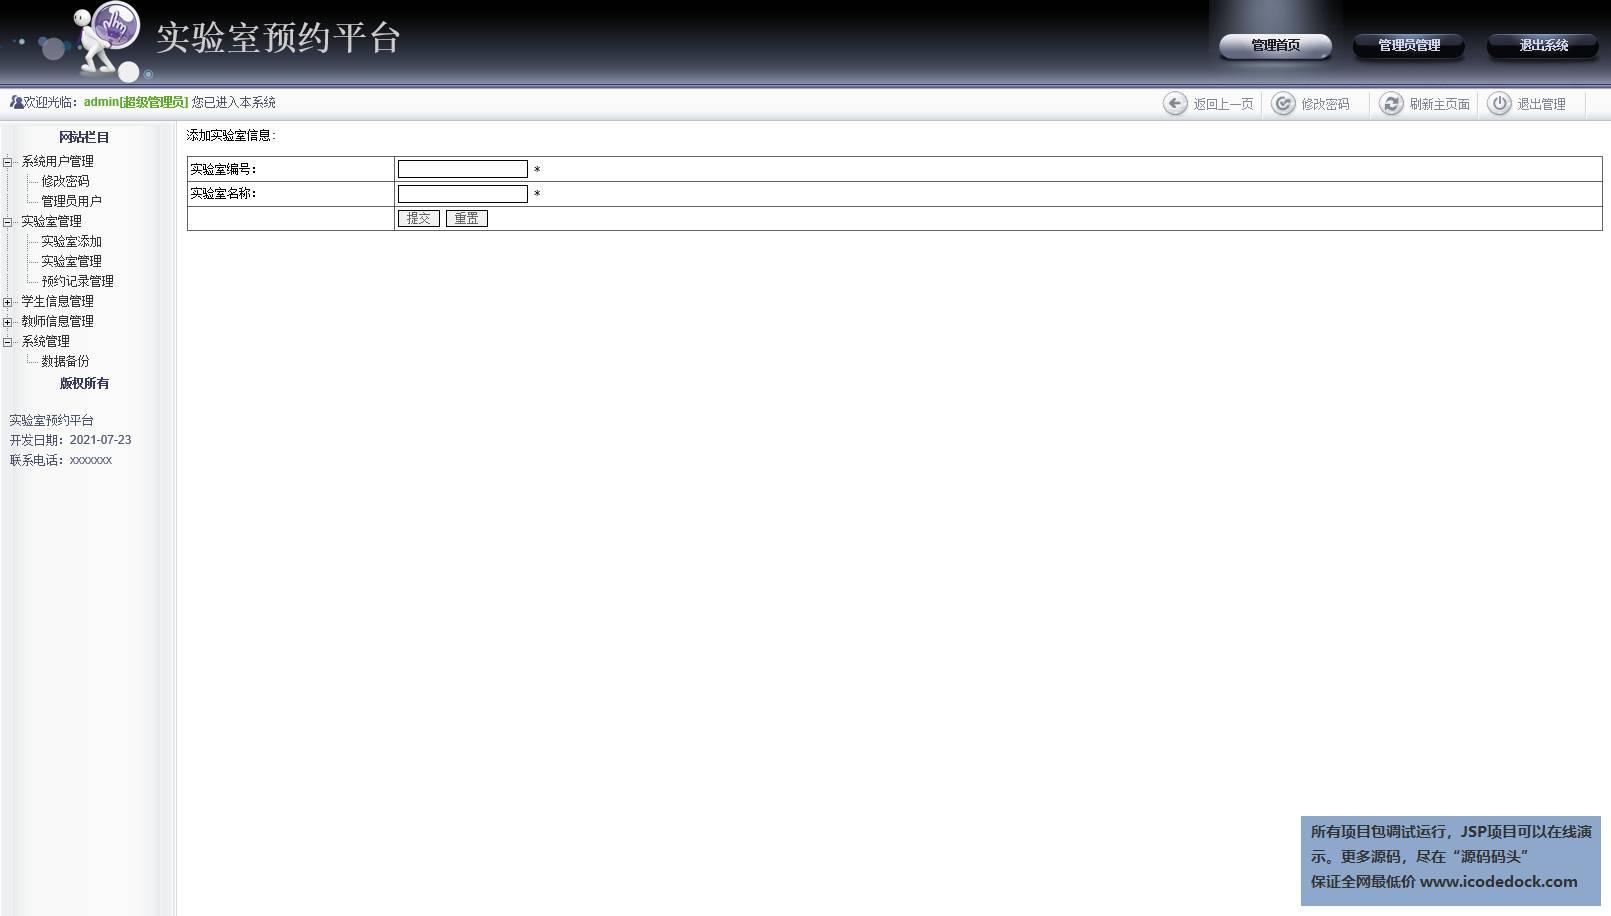 源码码头-JSP在线高校实验室预约管理系统-管理员角色-实验室添加